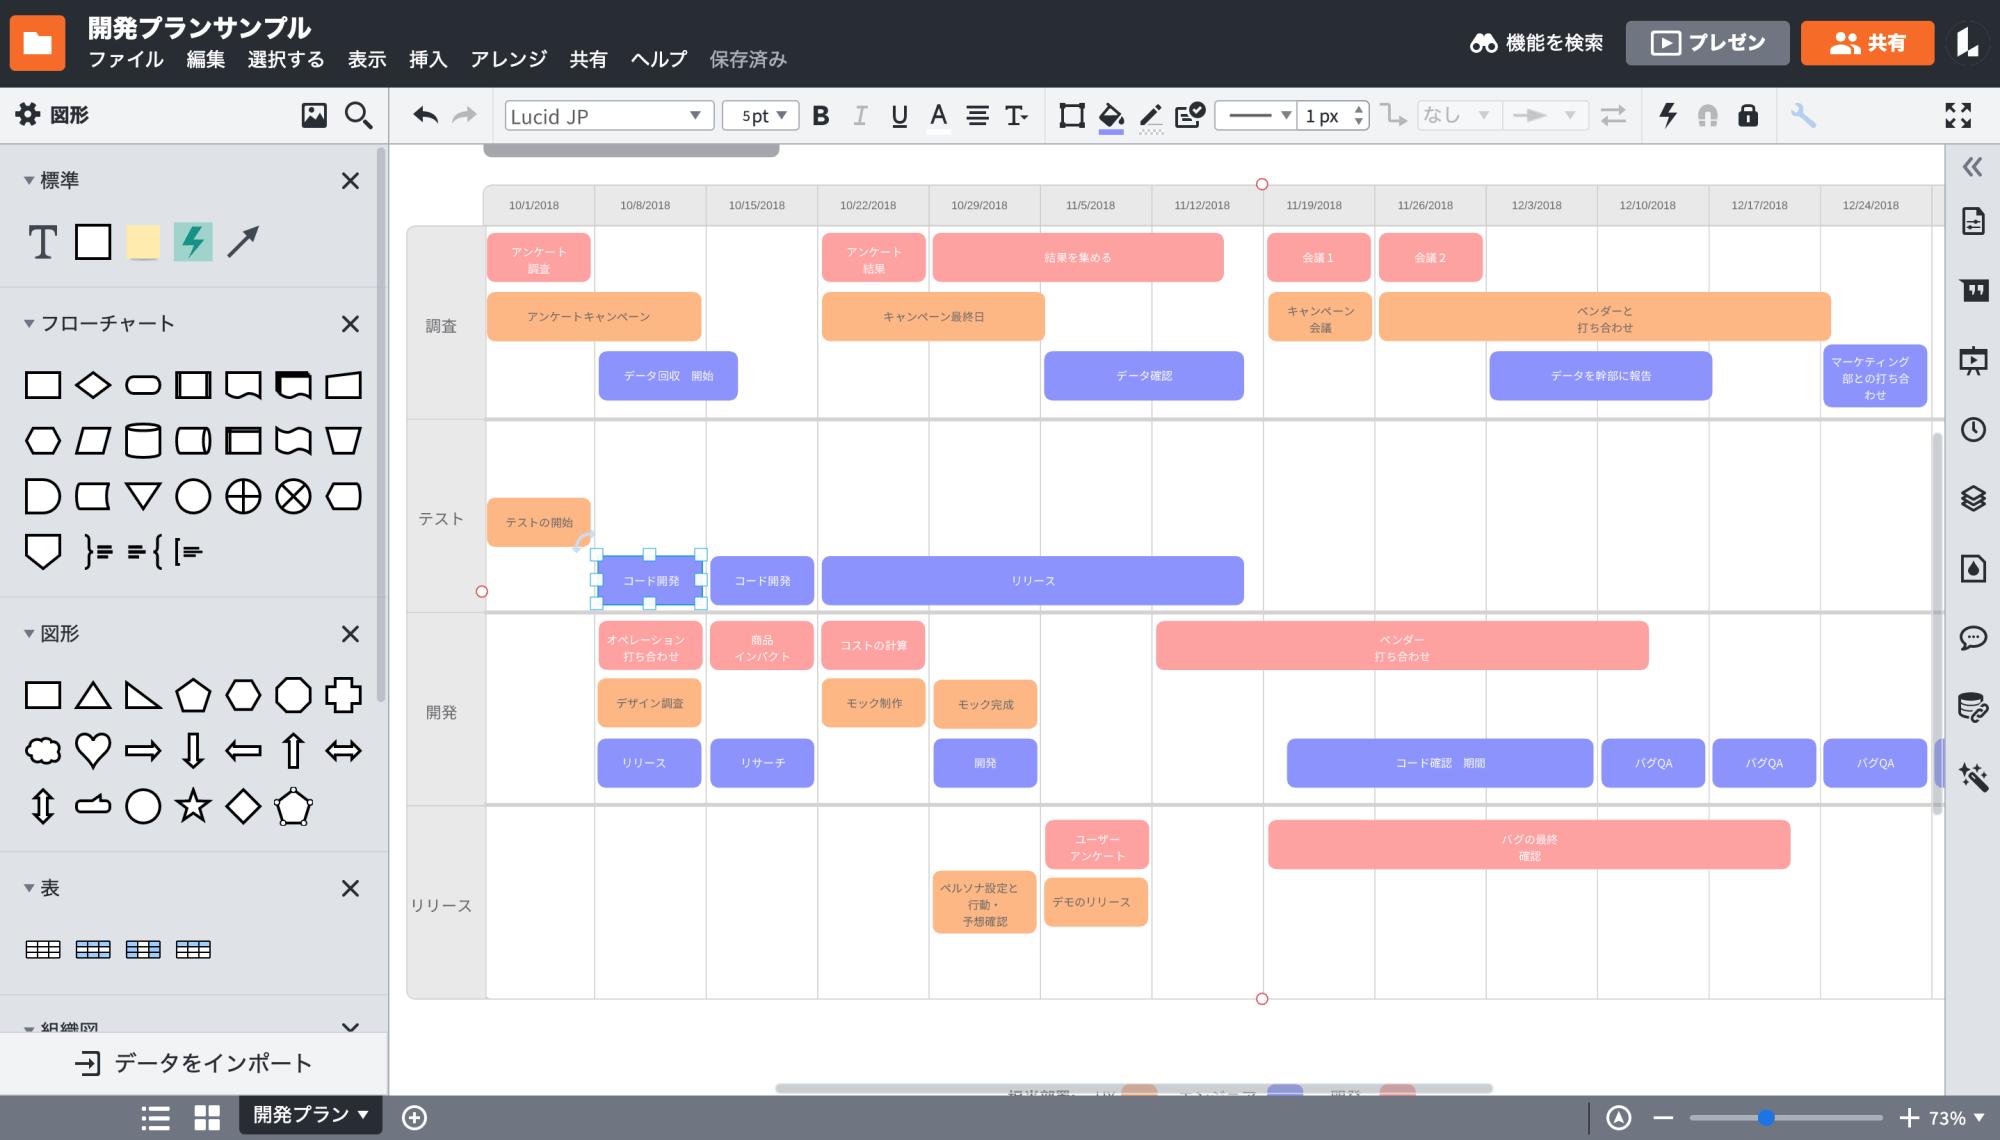 タイムスケジュール表の作成